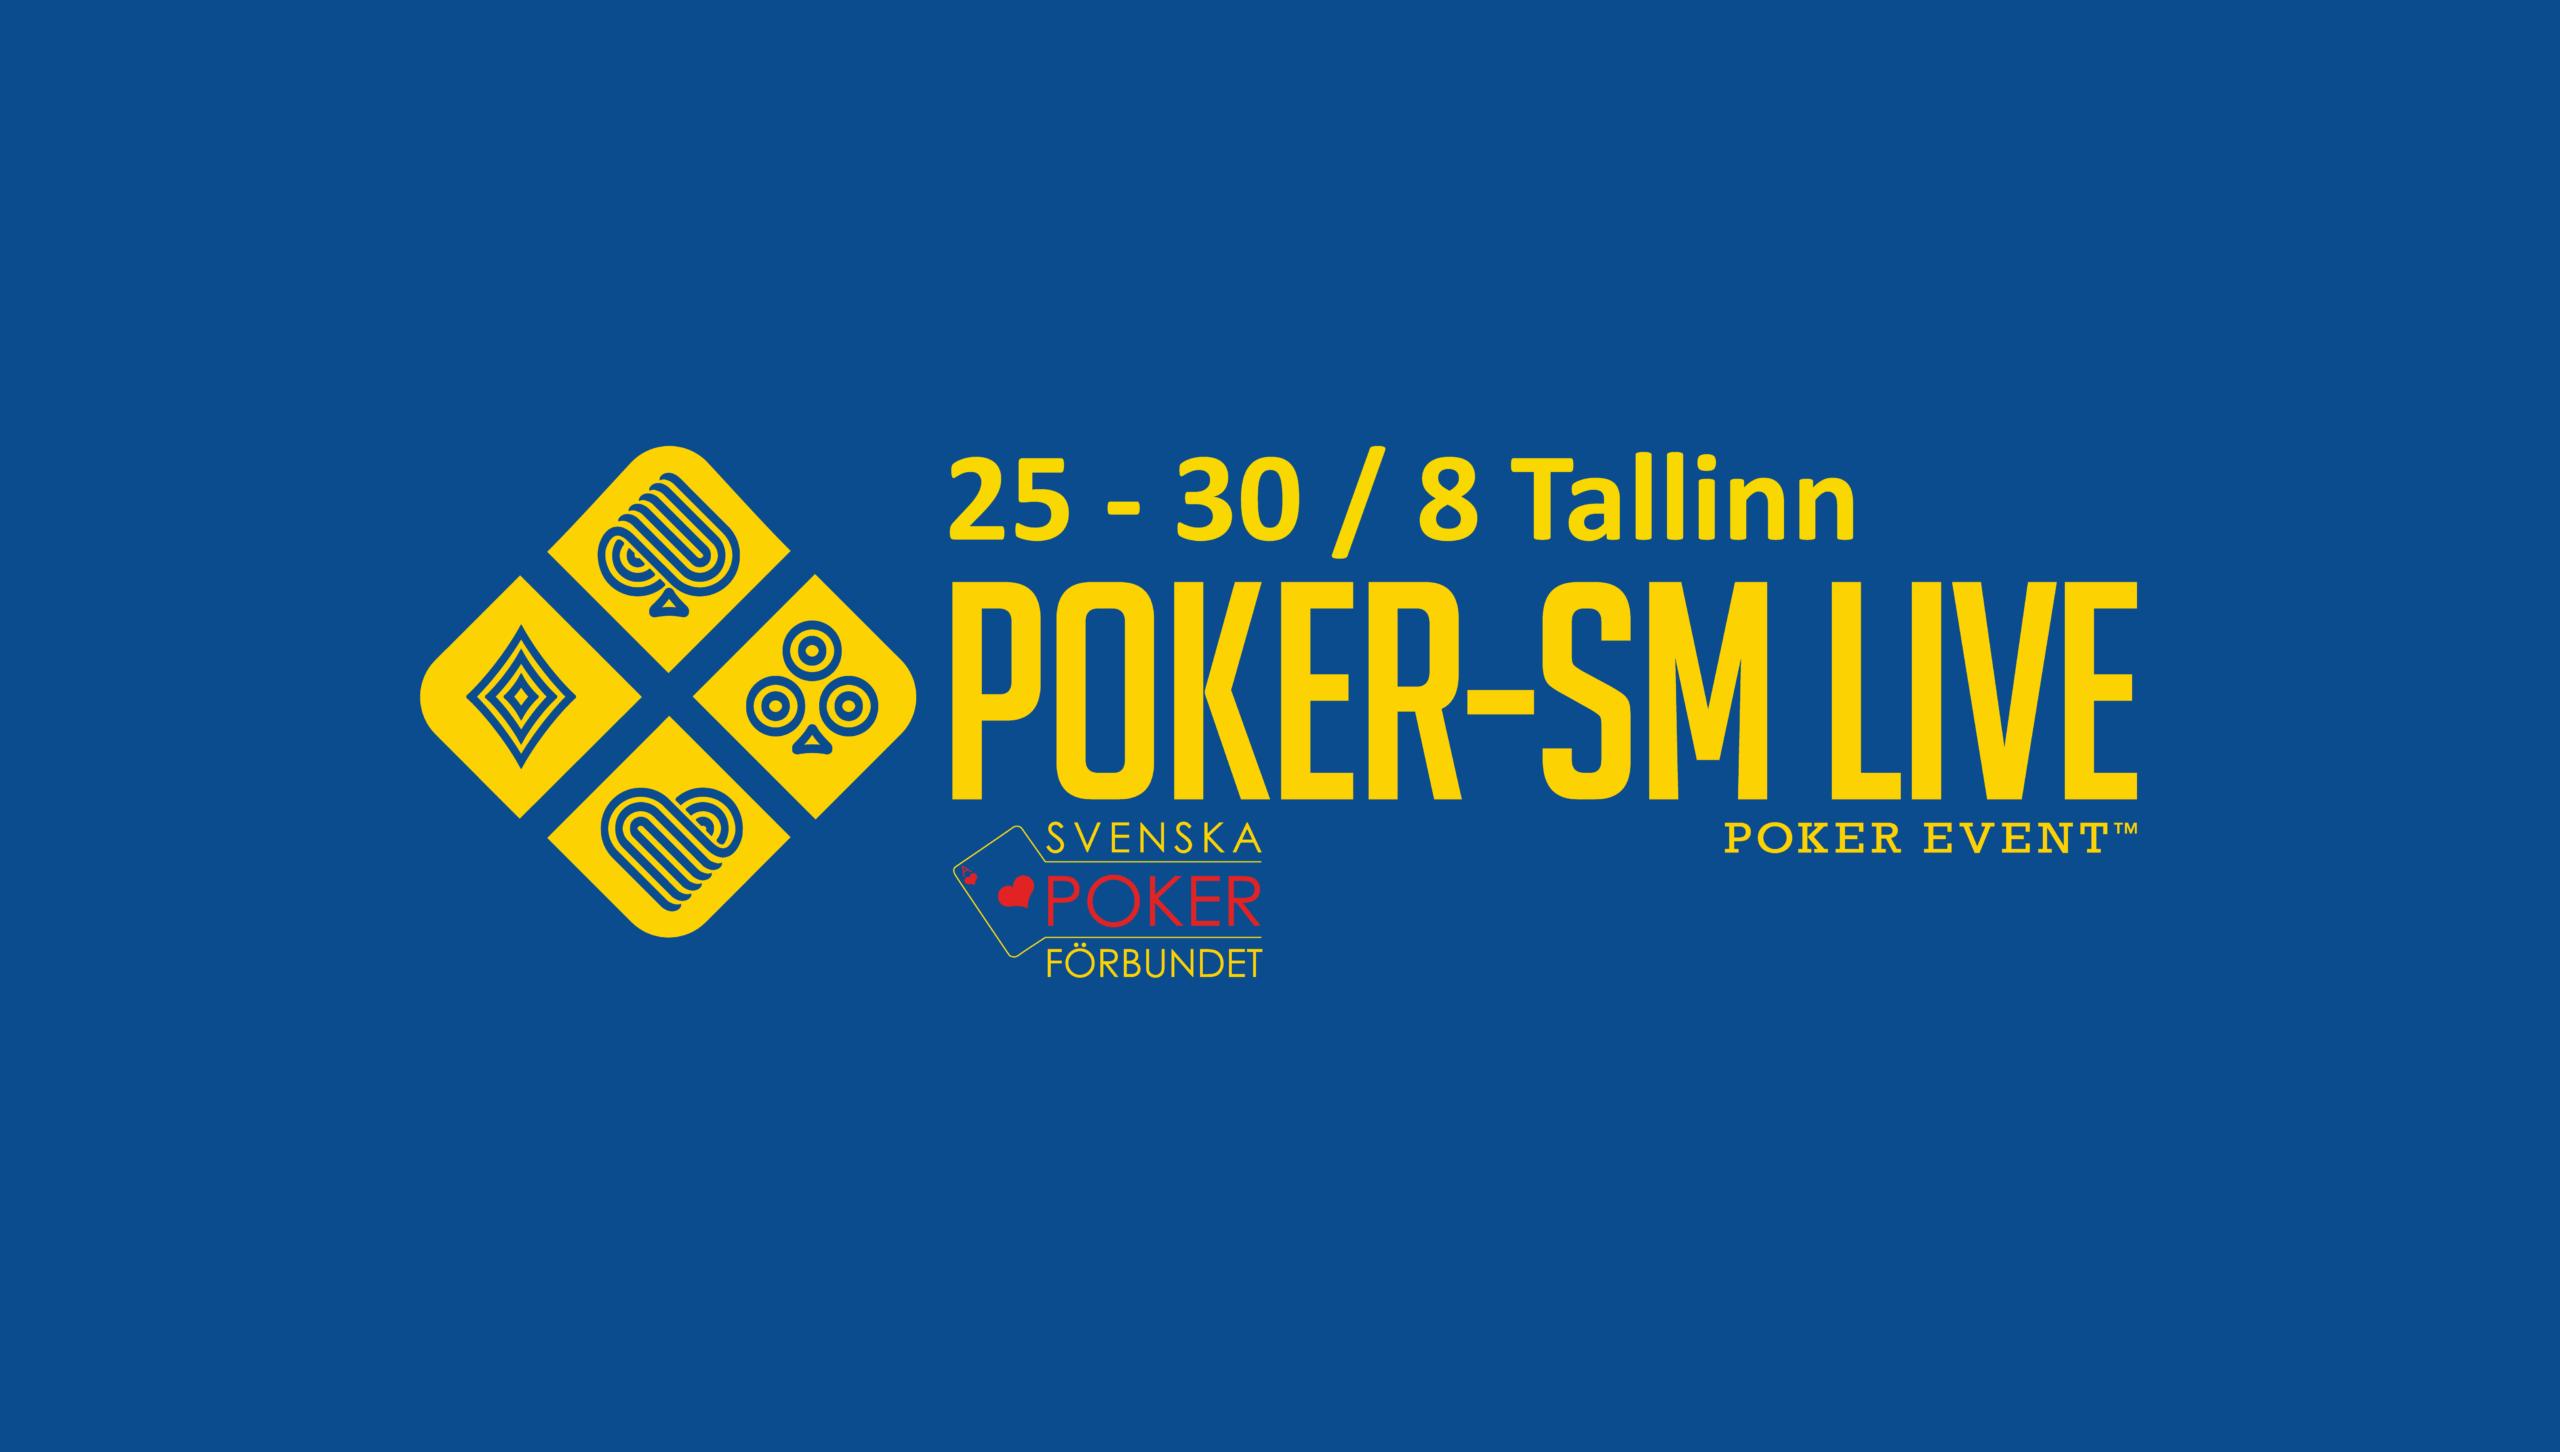 Poker-SM åter till Tallinn 2020